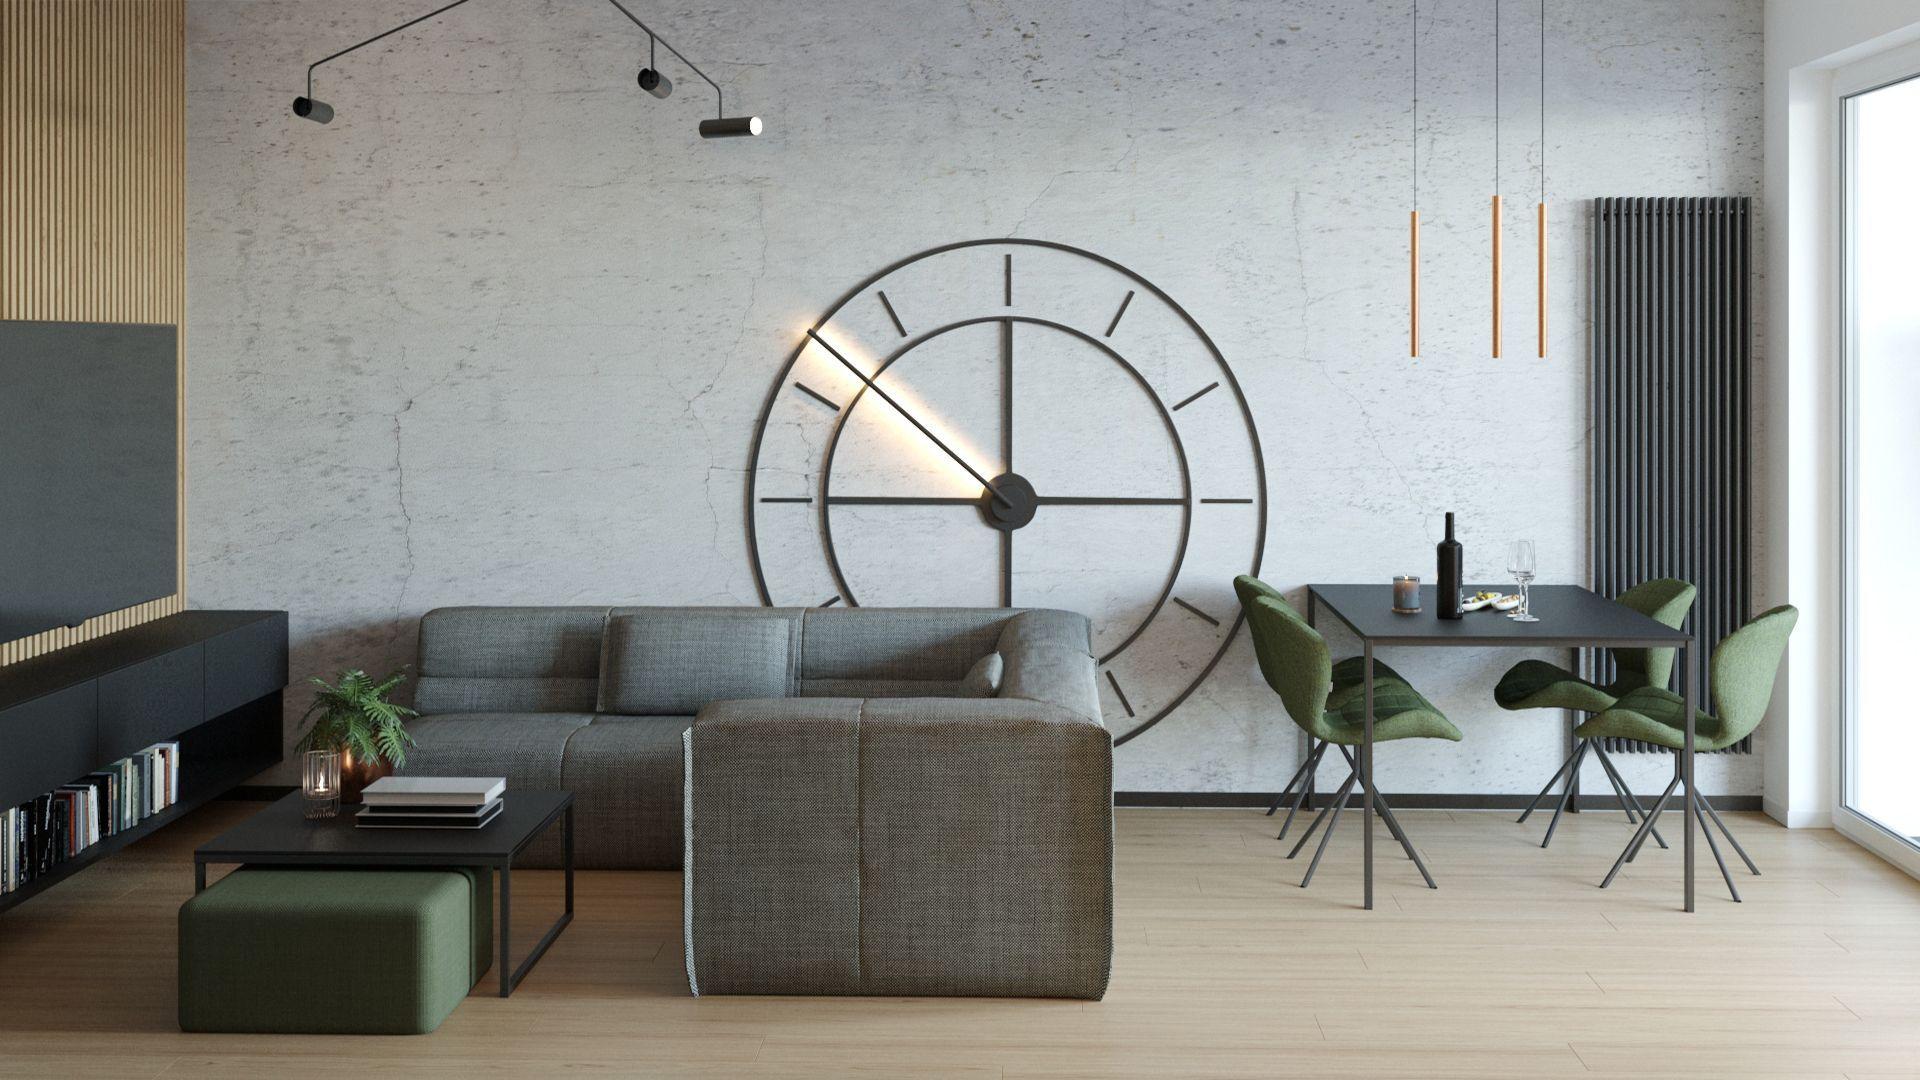 Otwarty salon z zegarem XXL. Projekt i wizualizacje: Agnieszka Rozmysłowicz, Viann Interior Design